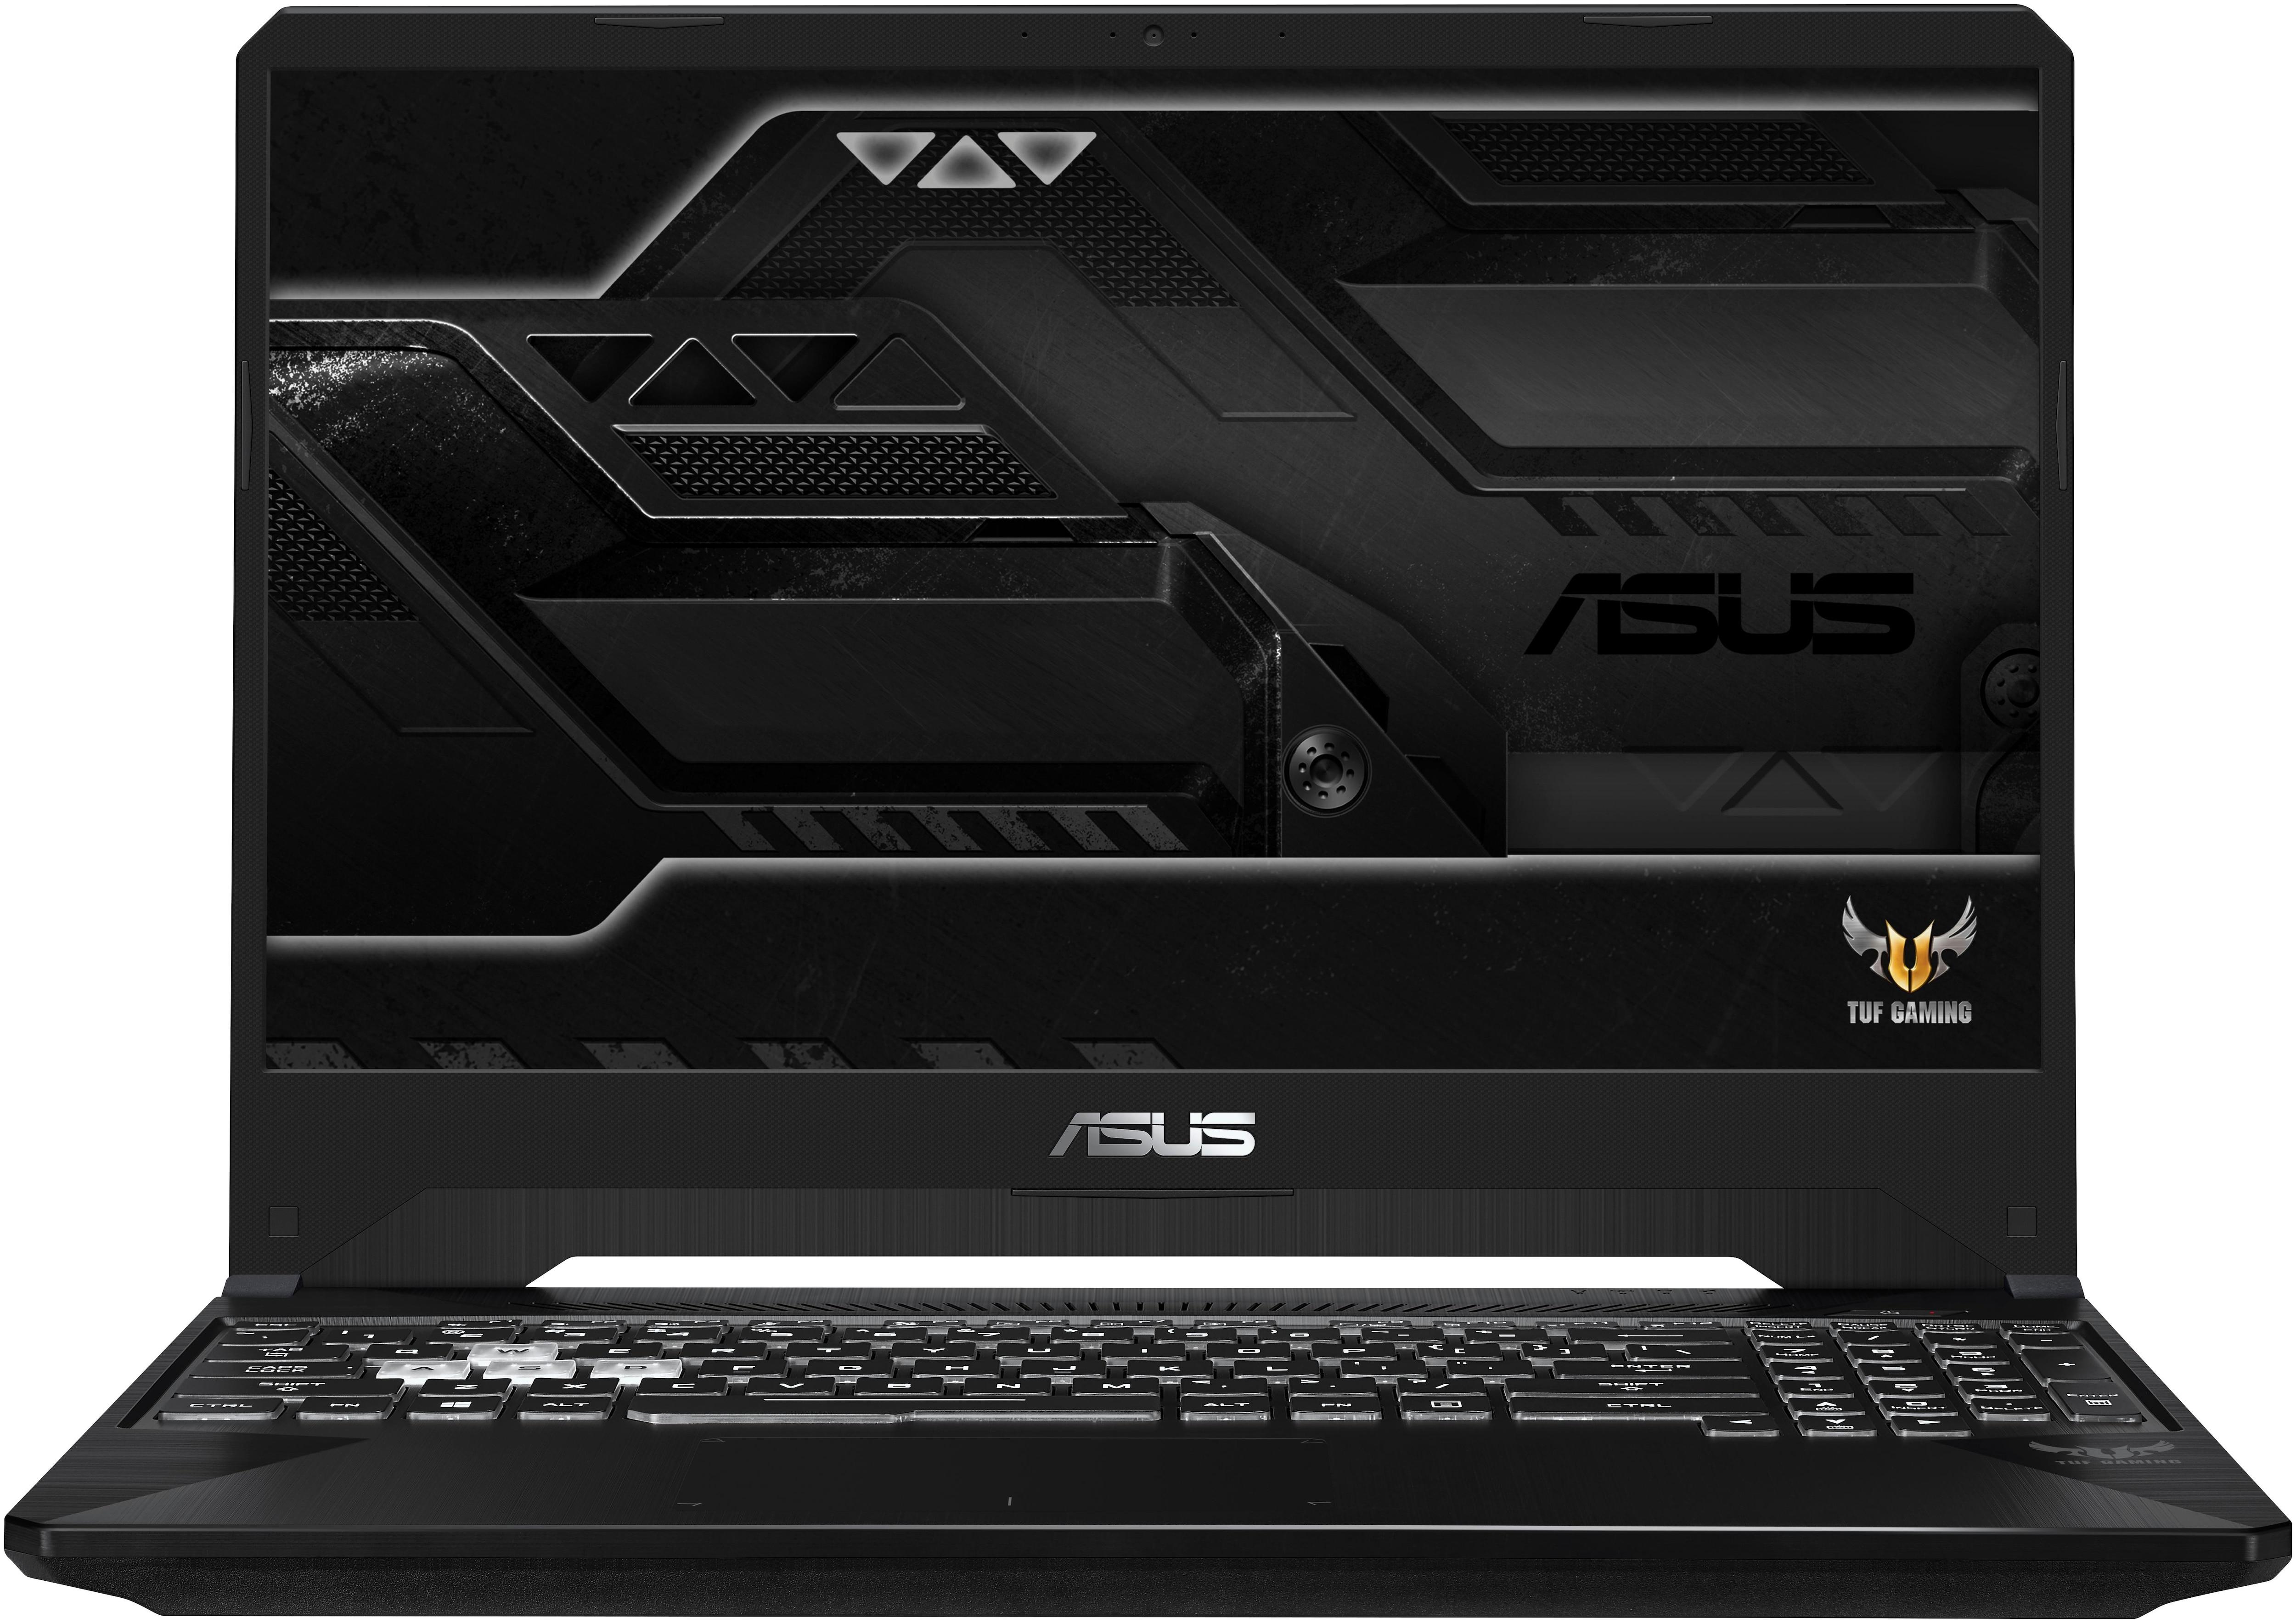 """ASUS TUF FX505 ( Core i5- 8th Gen/8 GB/1TB+ 256GB SSD / 15.6"""" FHD/ Windows 10/ 4GB GTX1050 Ti) Gaming Laptop FX505GE-BQ025T (Gun Metal/2.2kg)"""